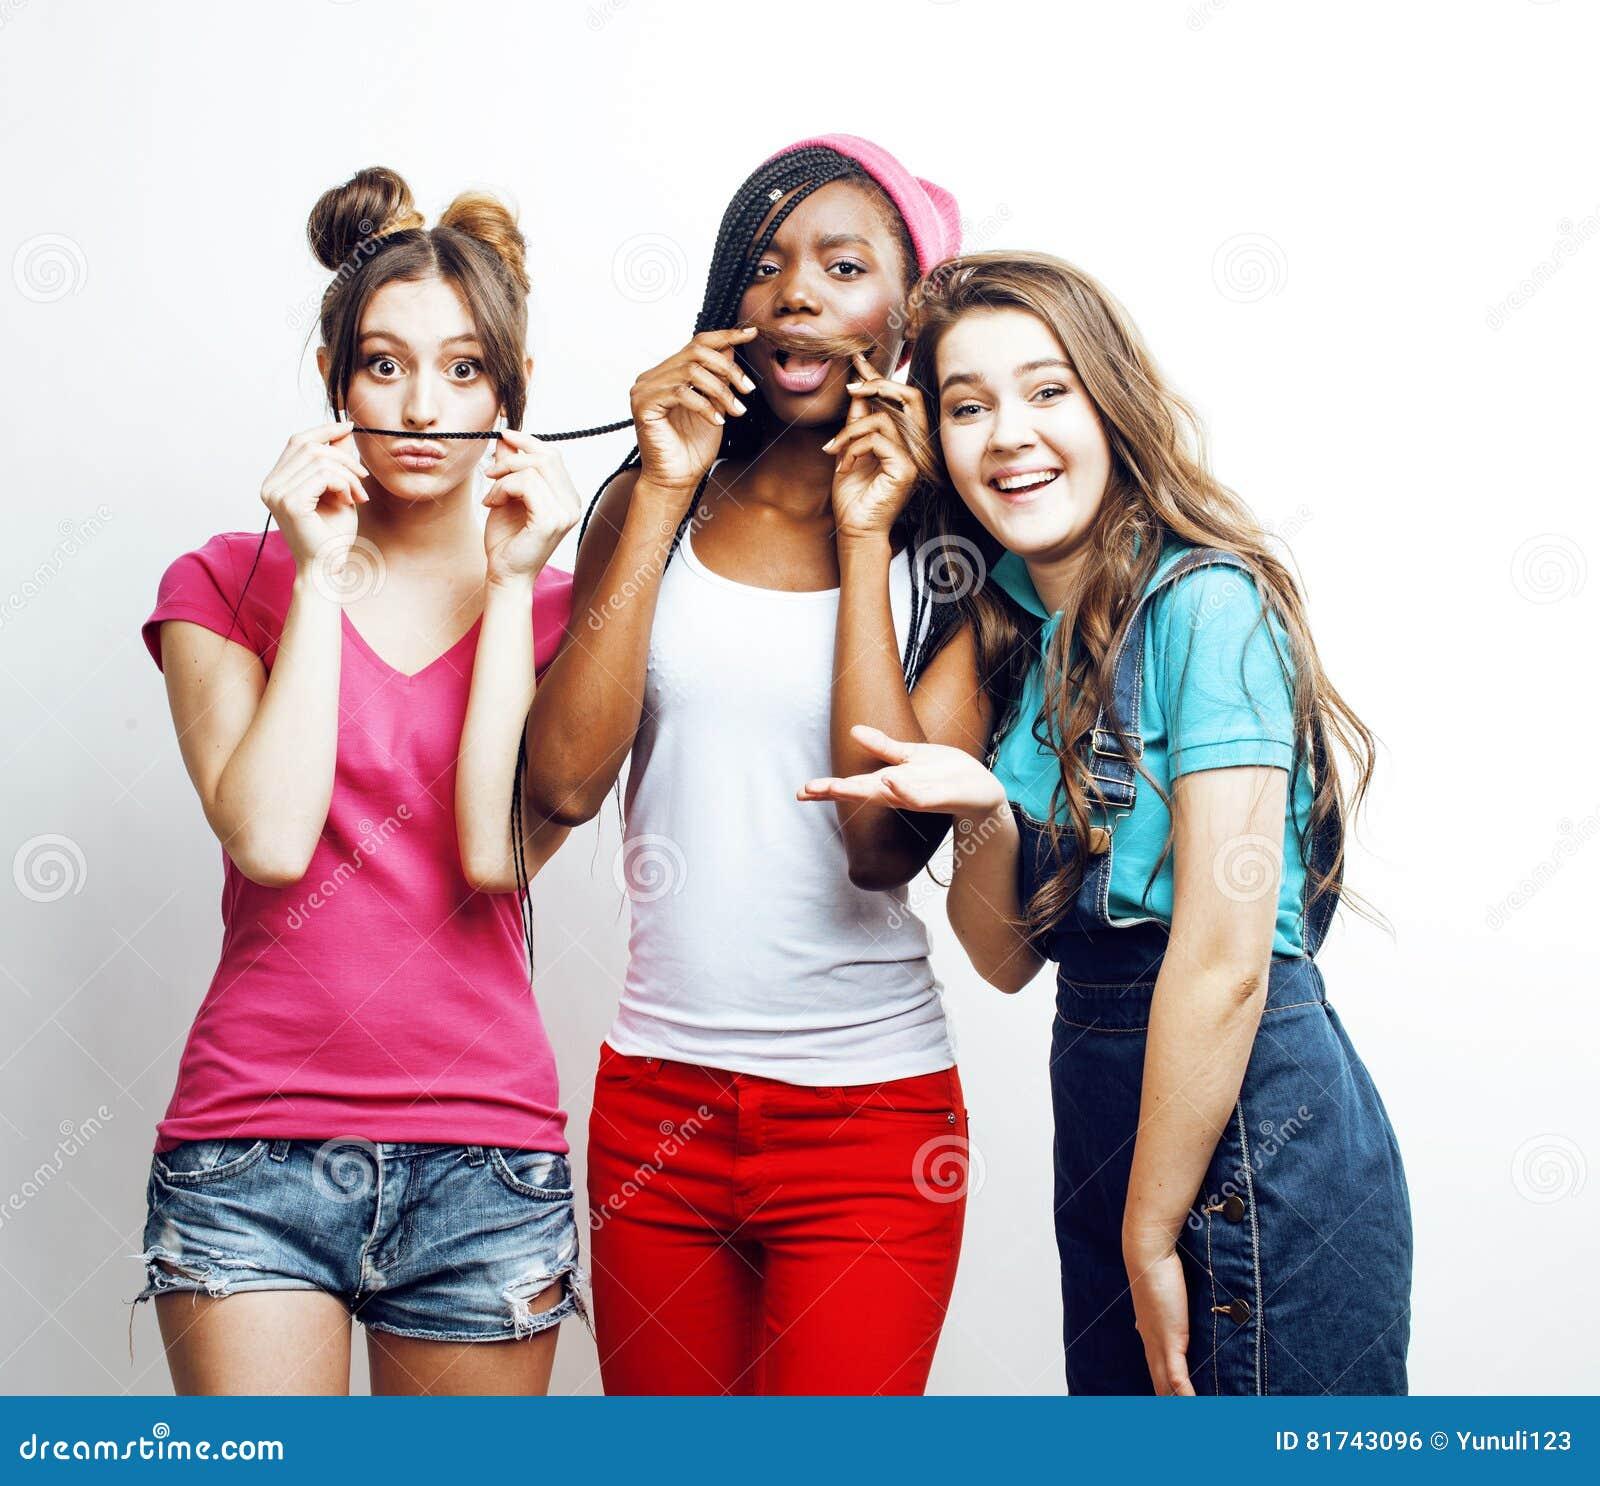 De diverse multinatiemeisjes groeperen zich, tiener vrolijk vriendenbedrijf die pret hebben, het gelukkige glimlachen, het leuke